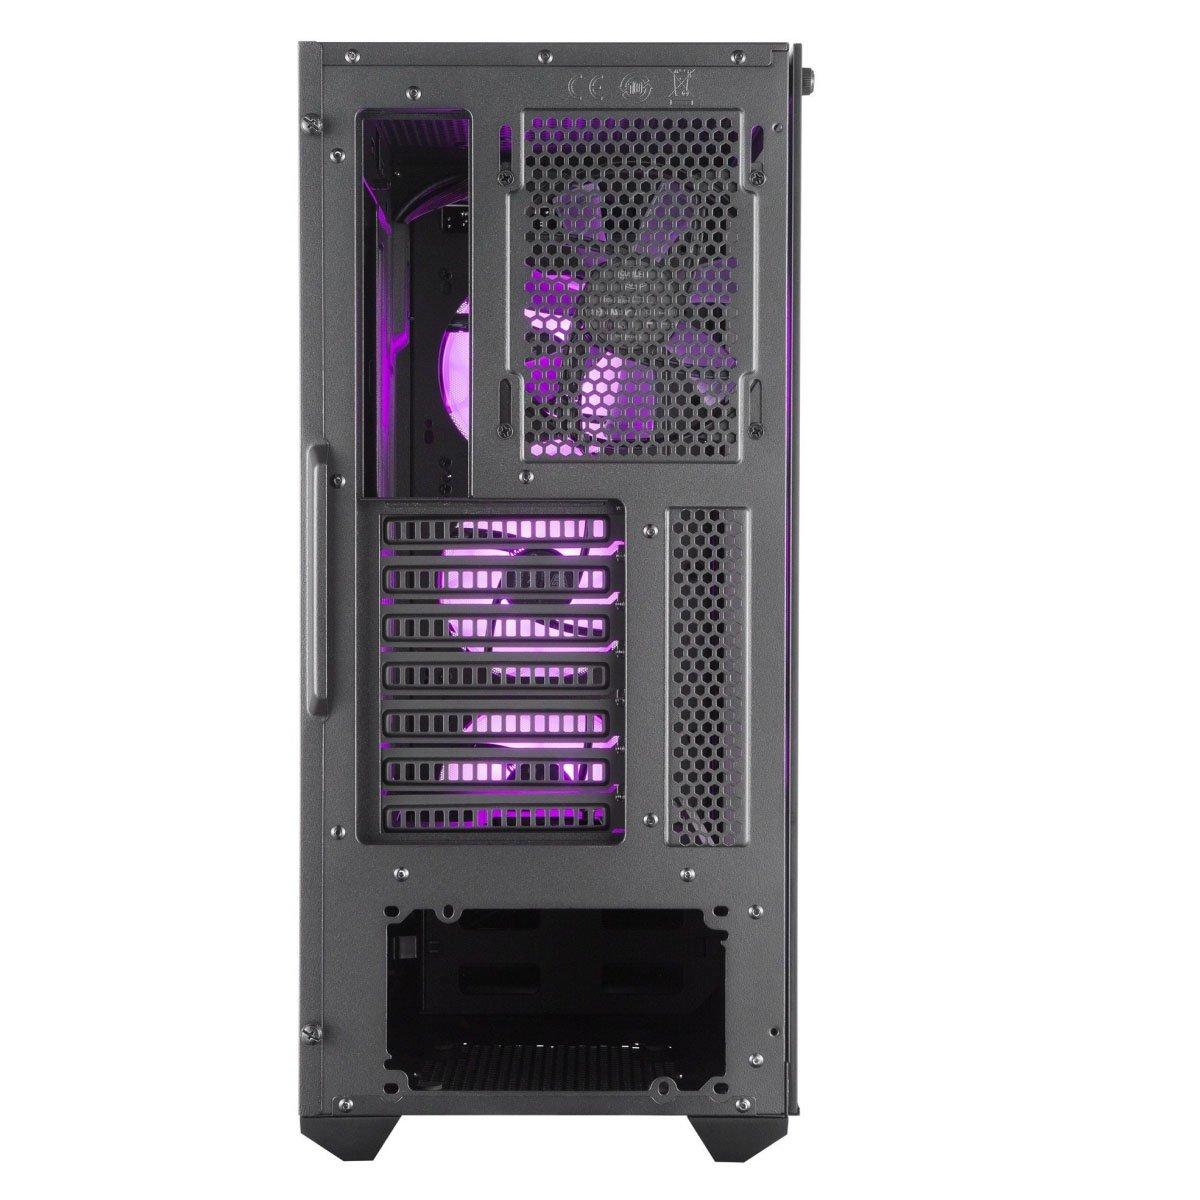 gabinete gamer cooler master masterbox mb520 argb 50946 2000 202813